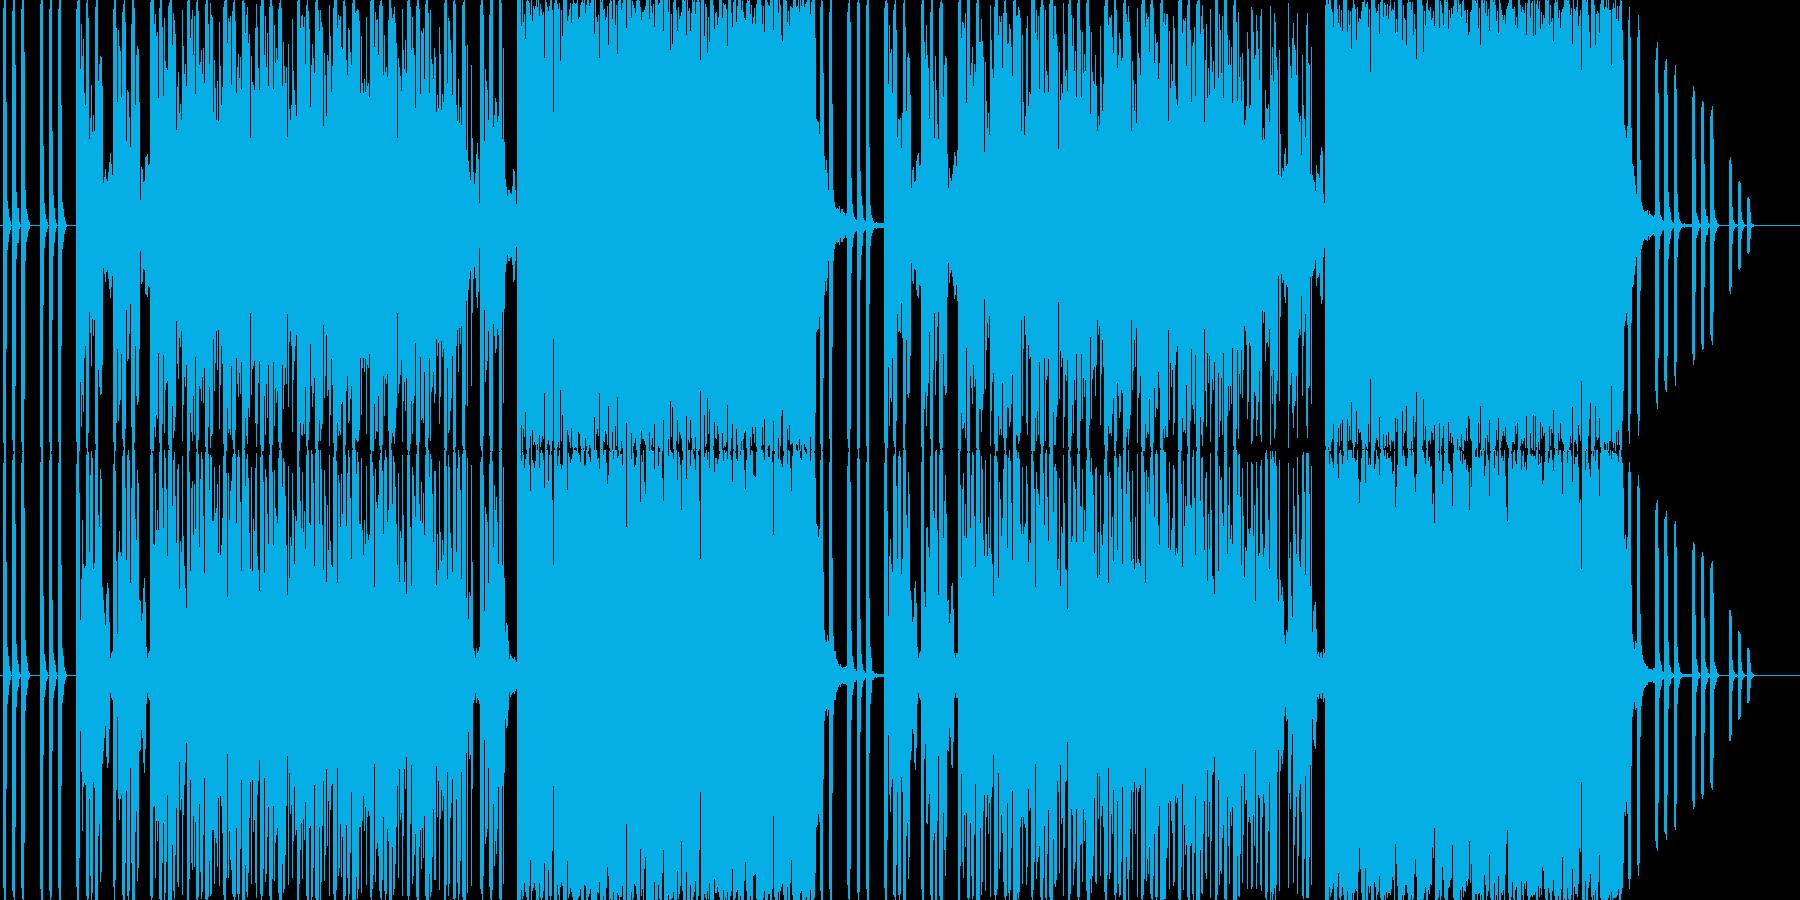 ホラーで不気味なダークエレクトロの再生済みの波形